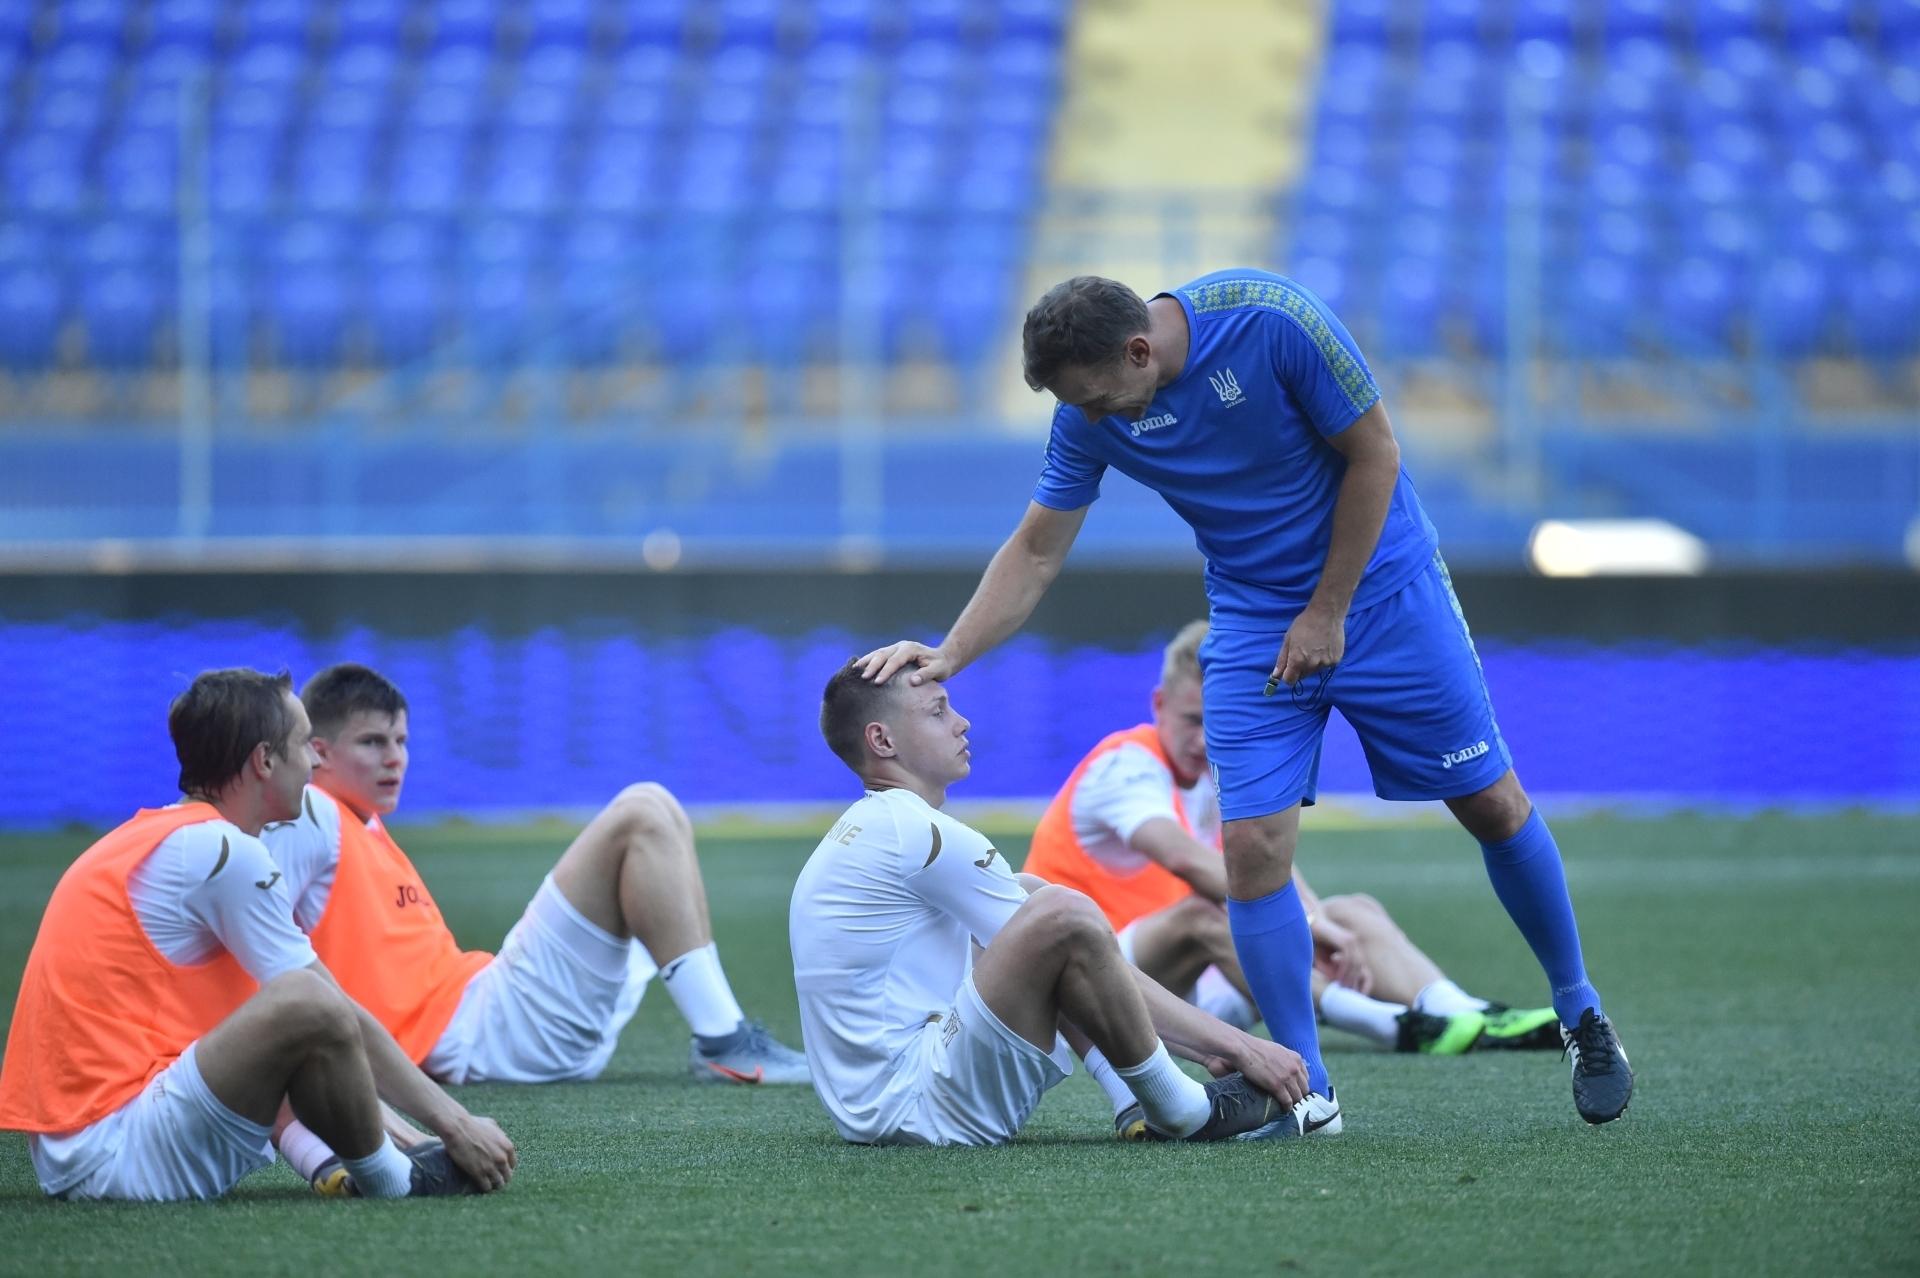 Збірна України: як пройшов перший день тренування у дворазовому режимі (Фото) - изображение 5